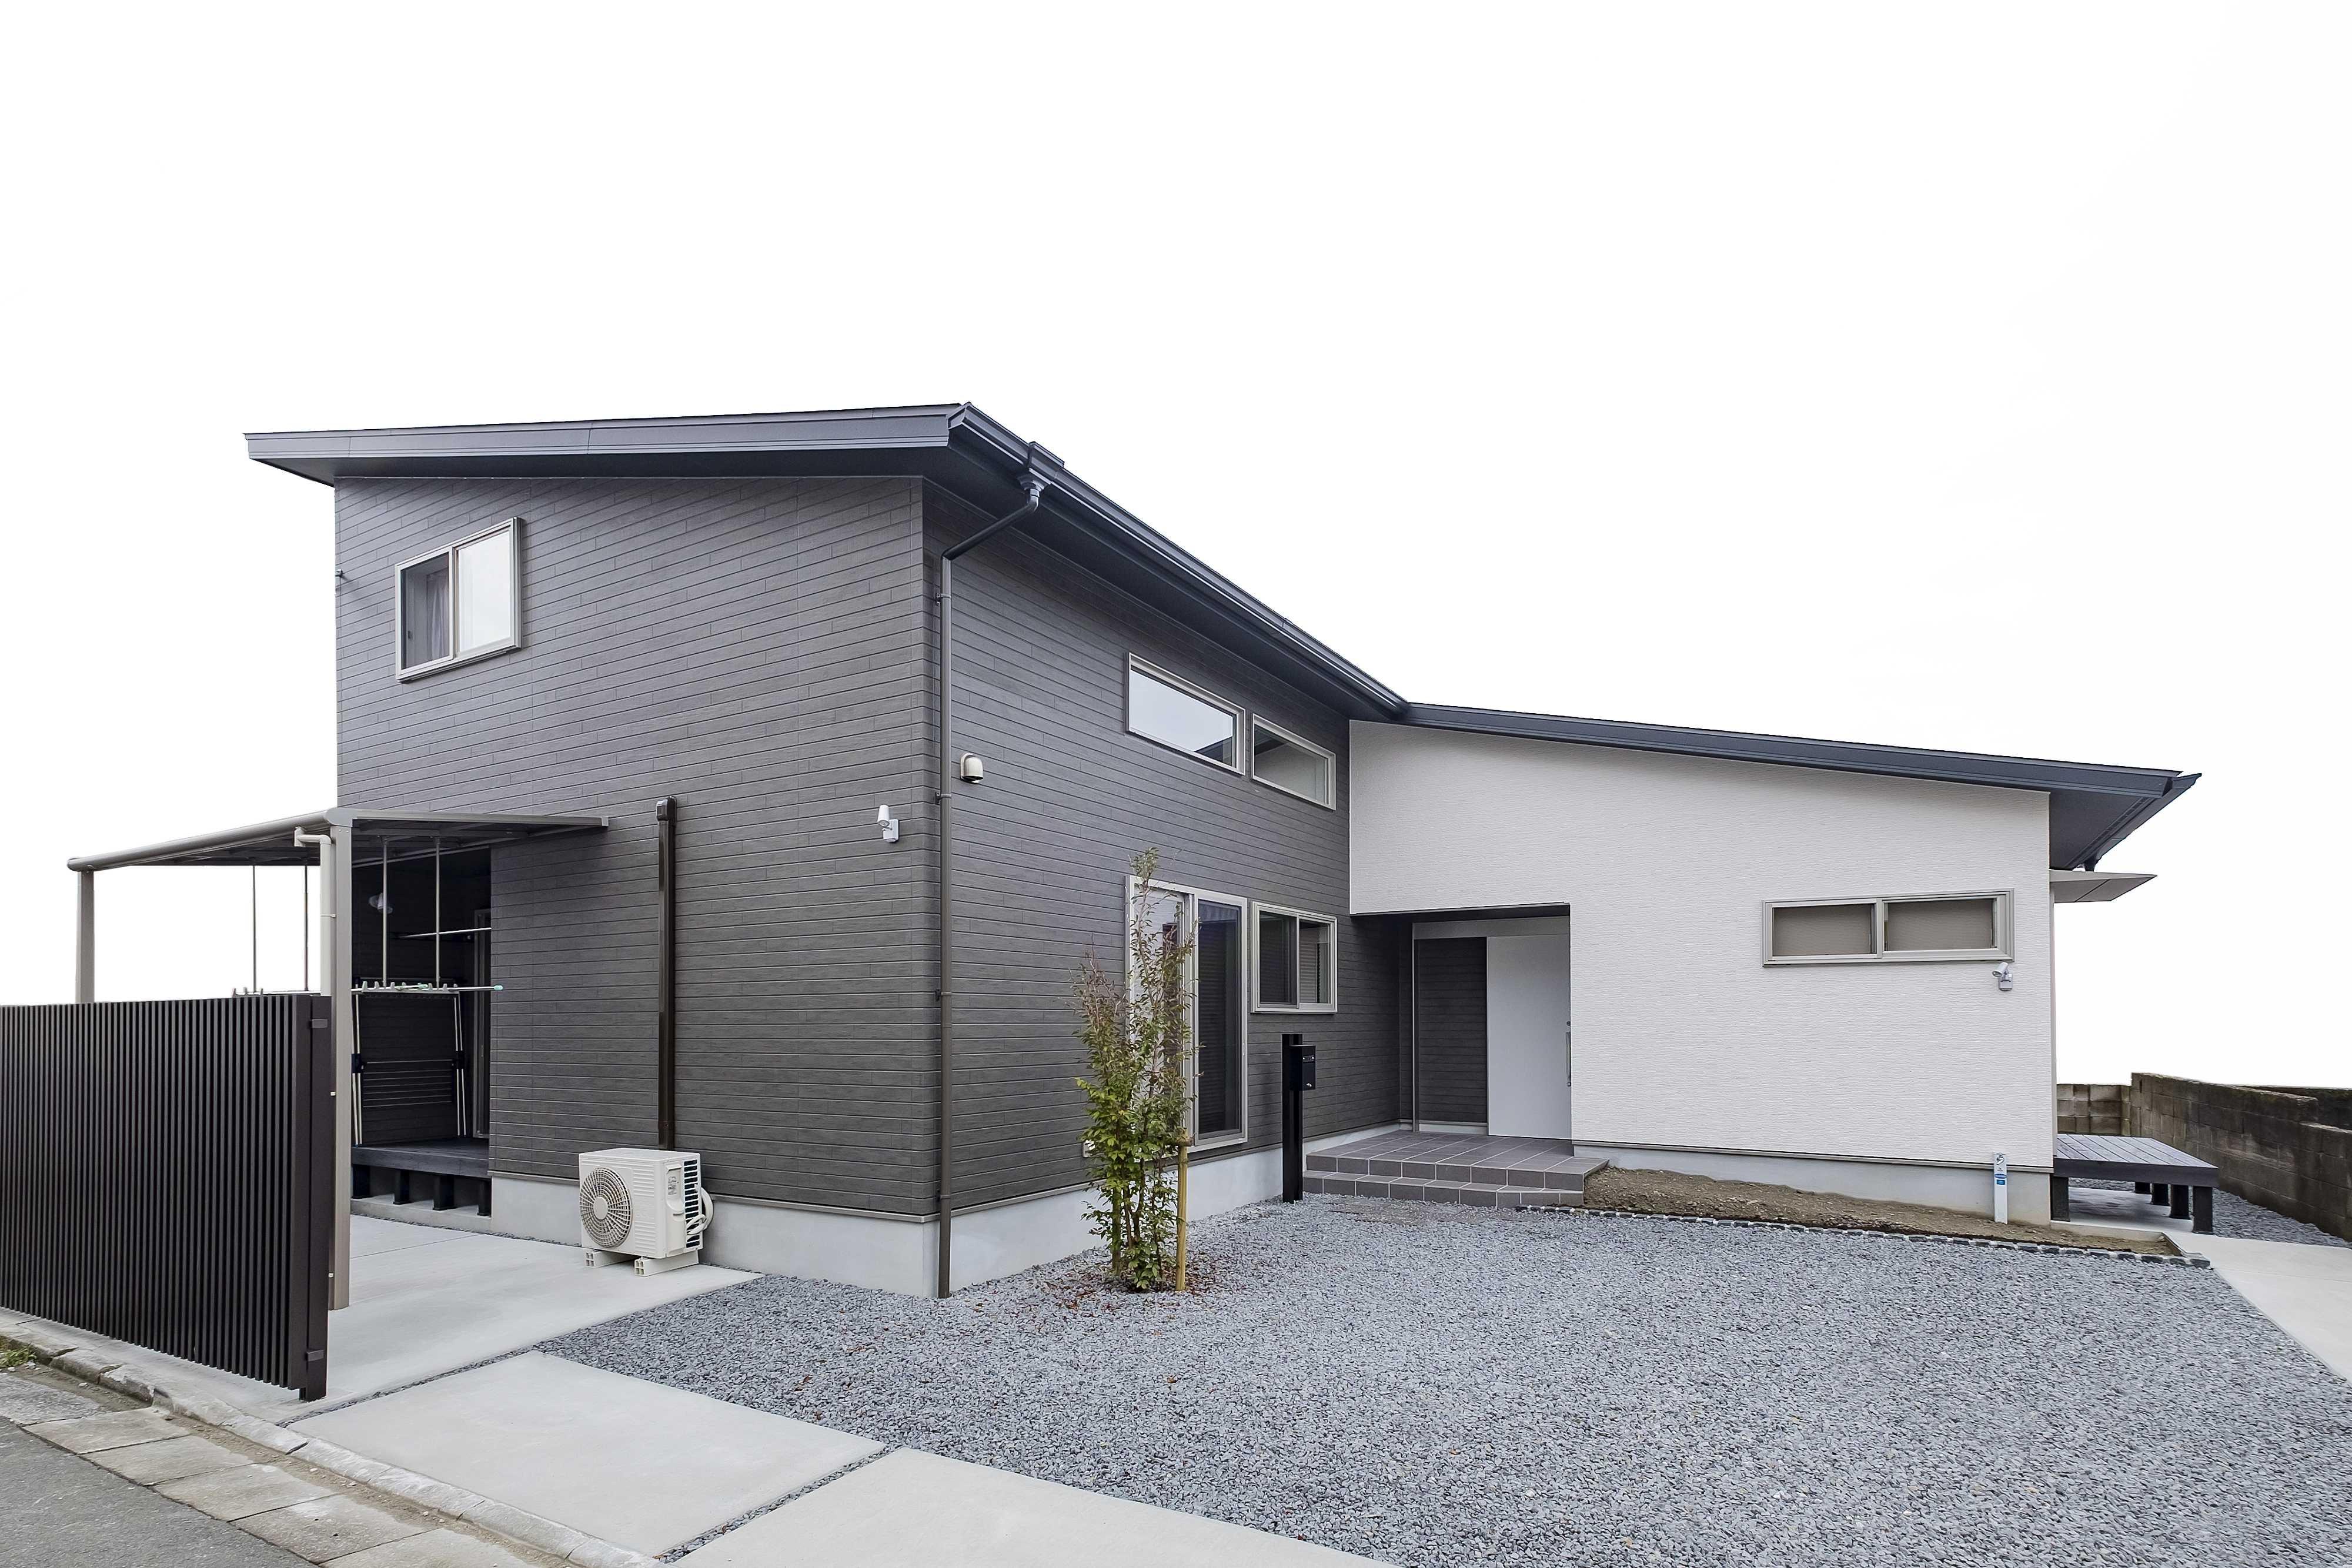 大きな片流れの屋根が広がる水平を強調した印象的な外観